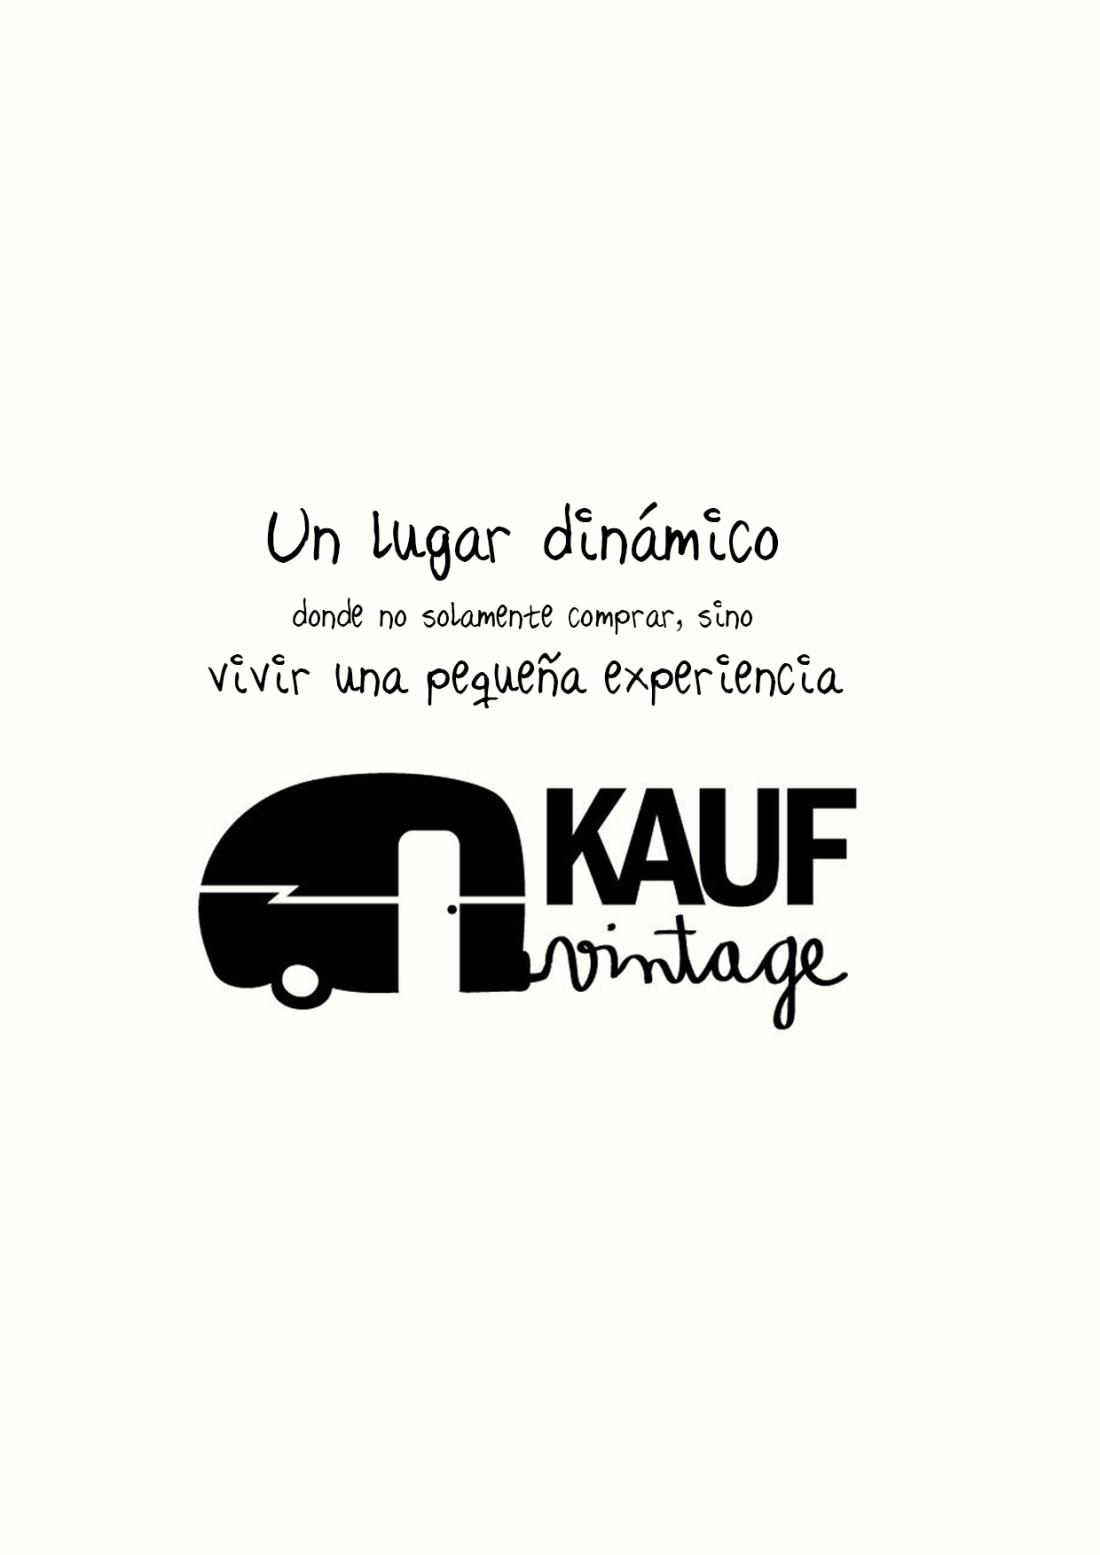 http://www.kaufvintage.com/